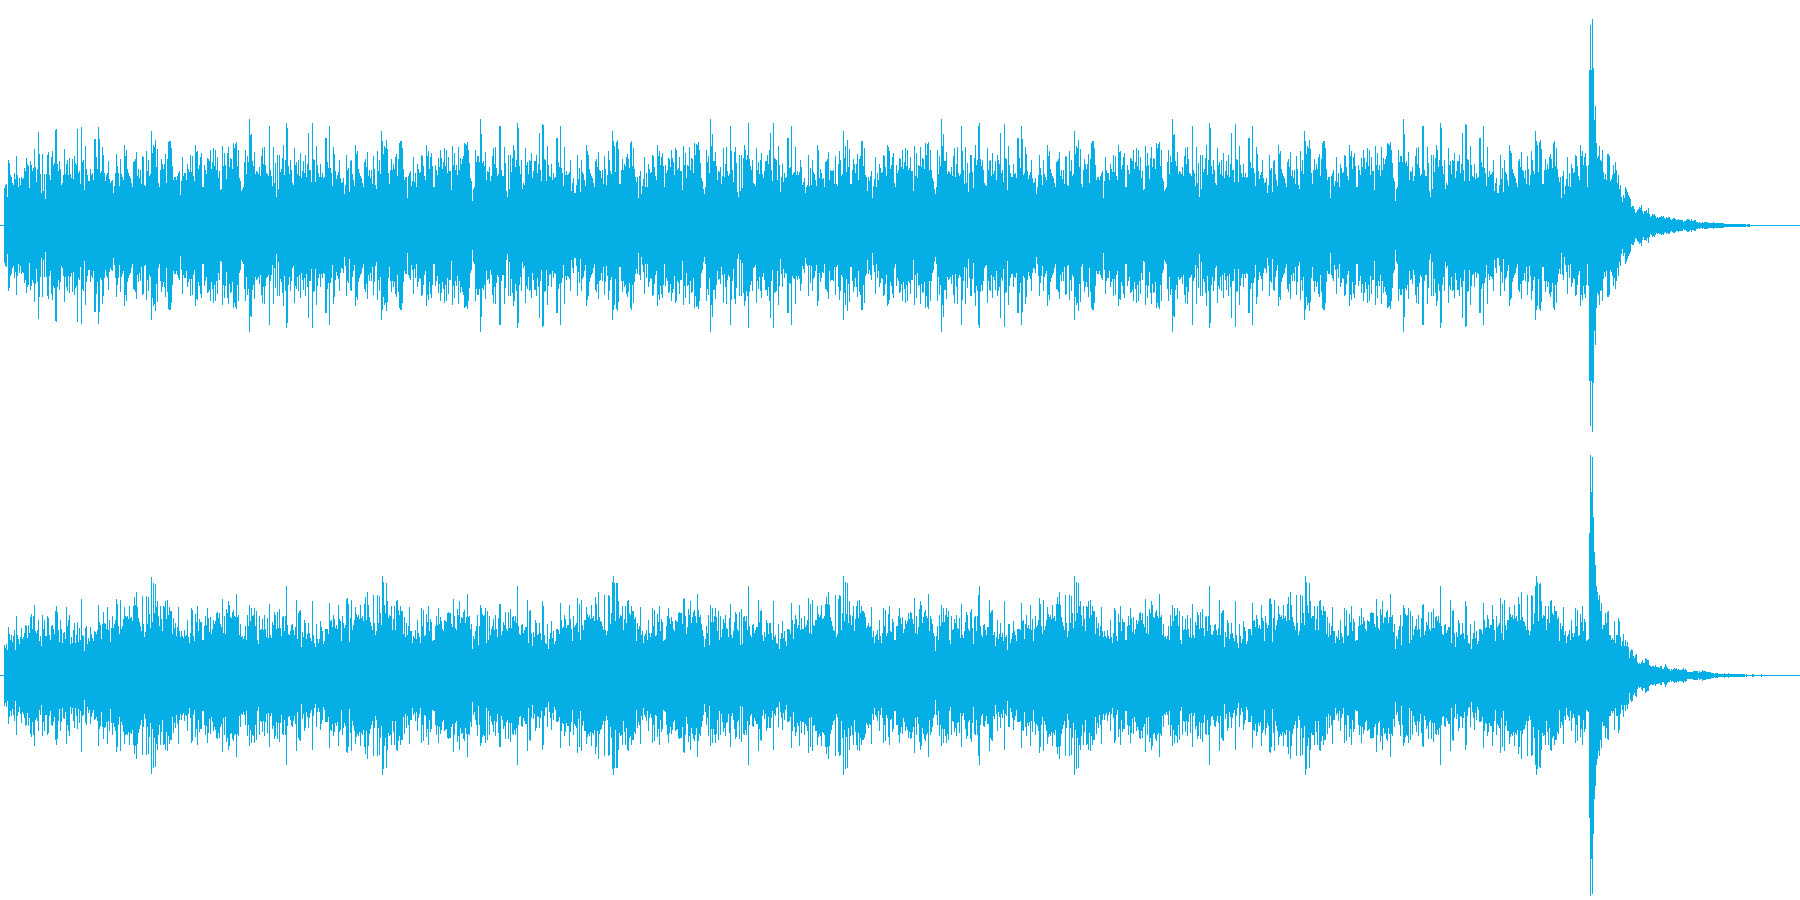 優勝発表に使うドラムロール30秒の再生済みの波形